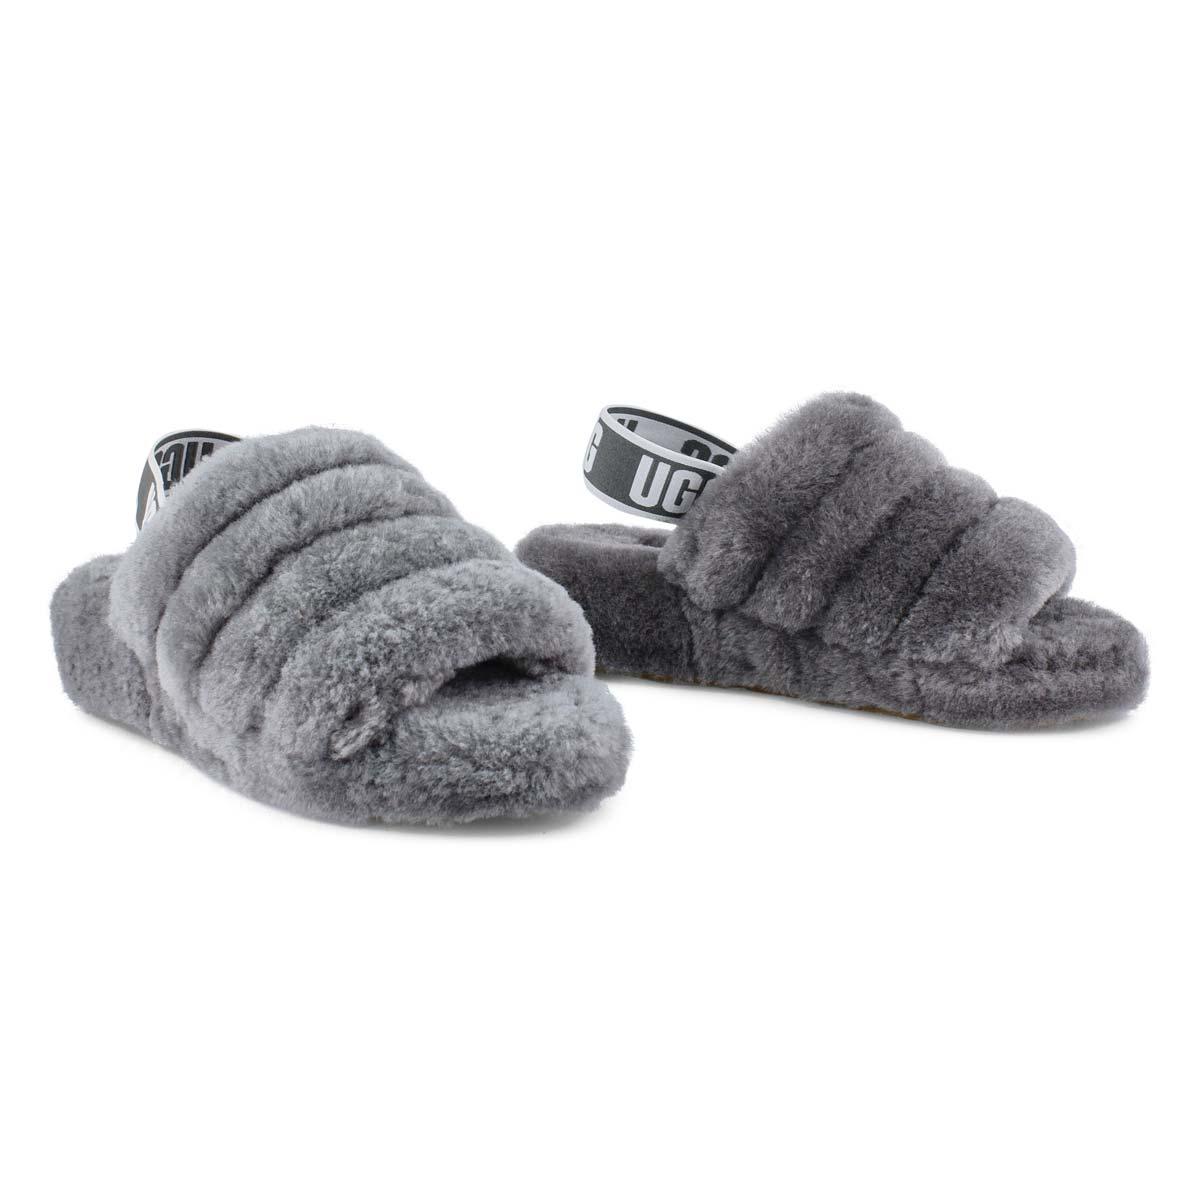 Lds Fluff Yeah char sheepskin slipper